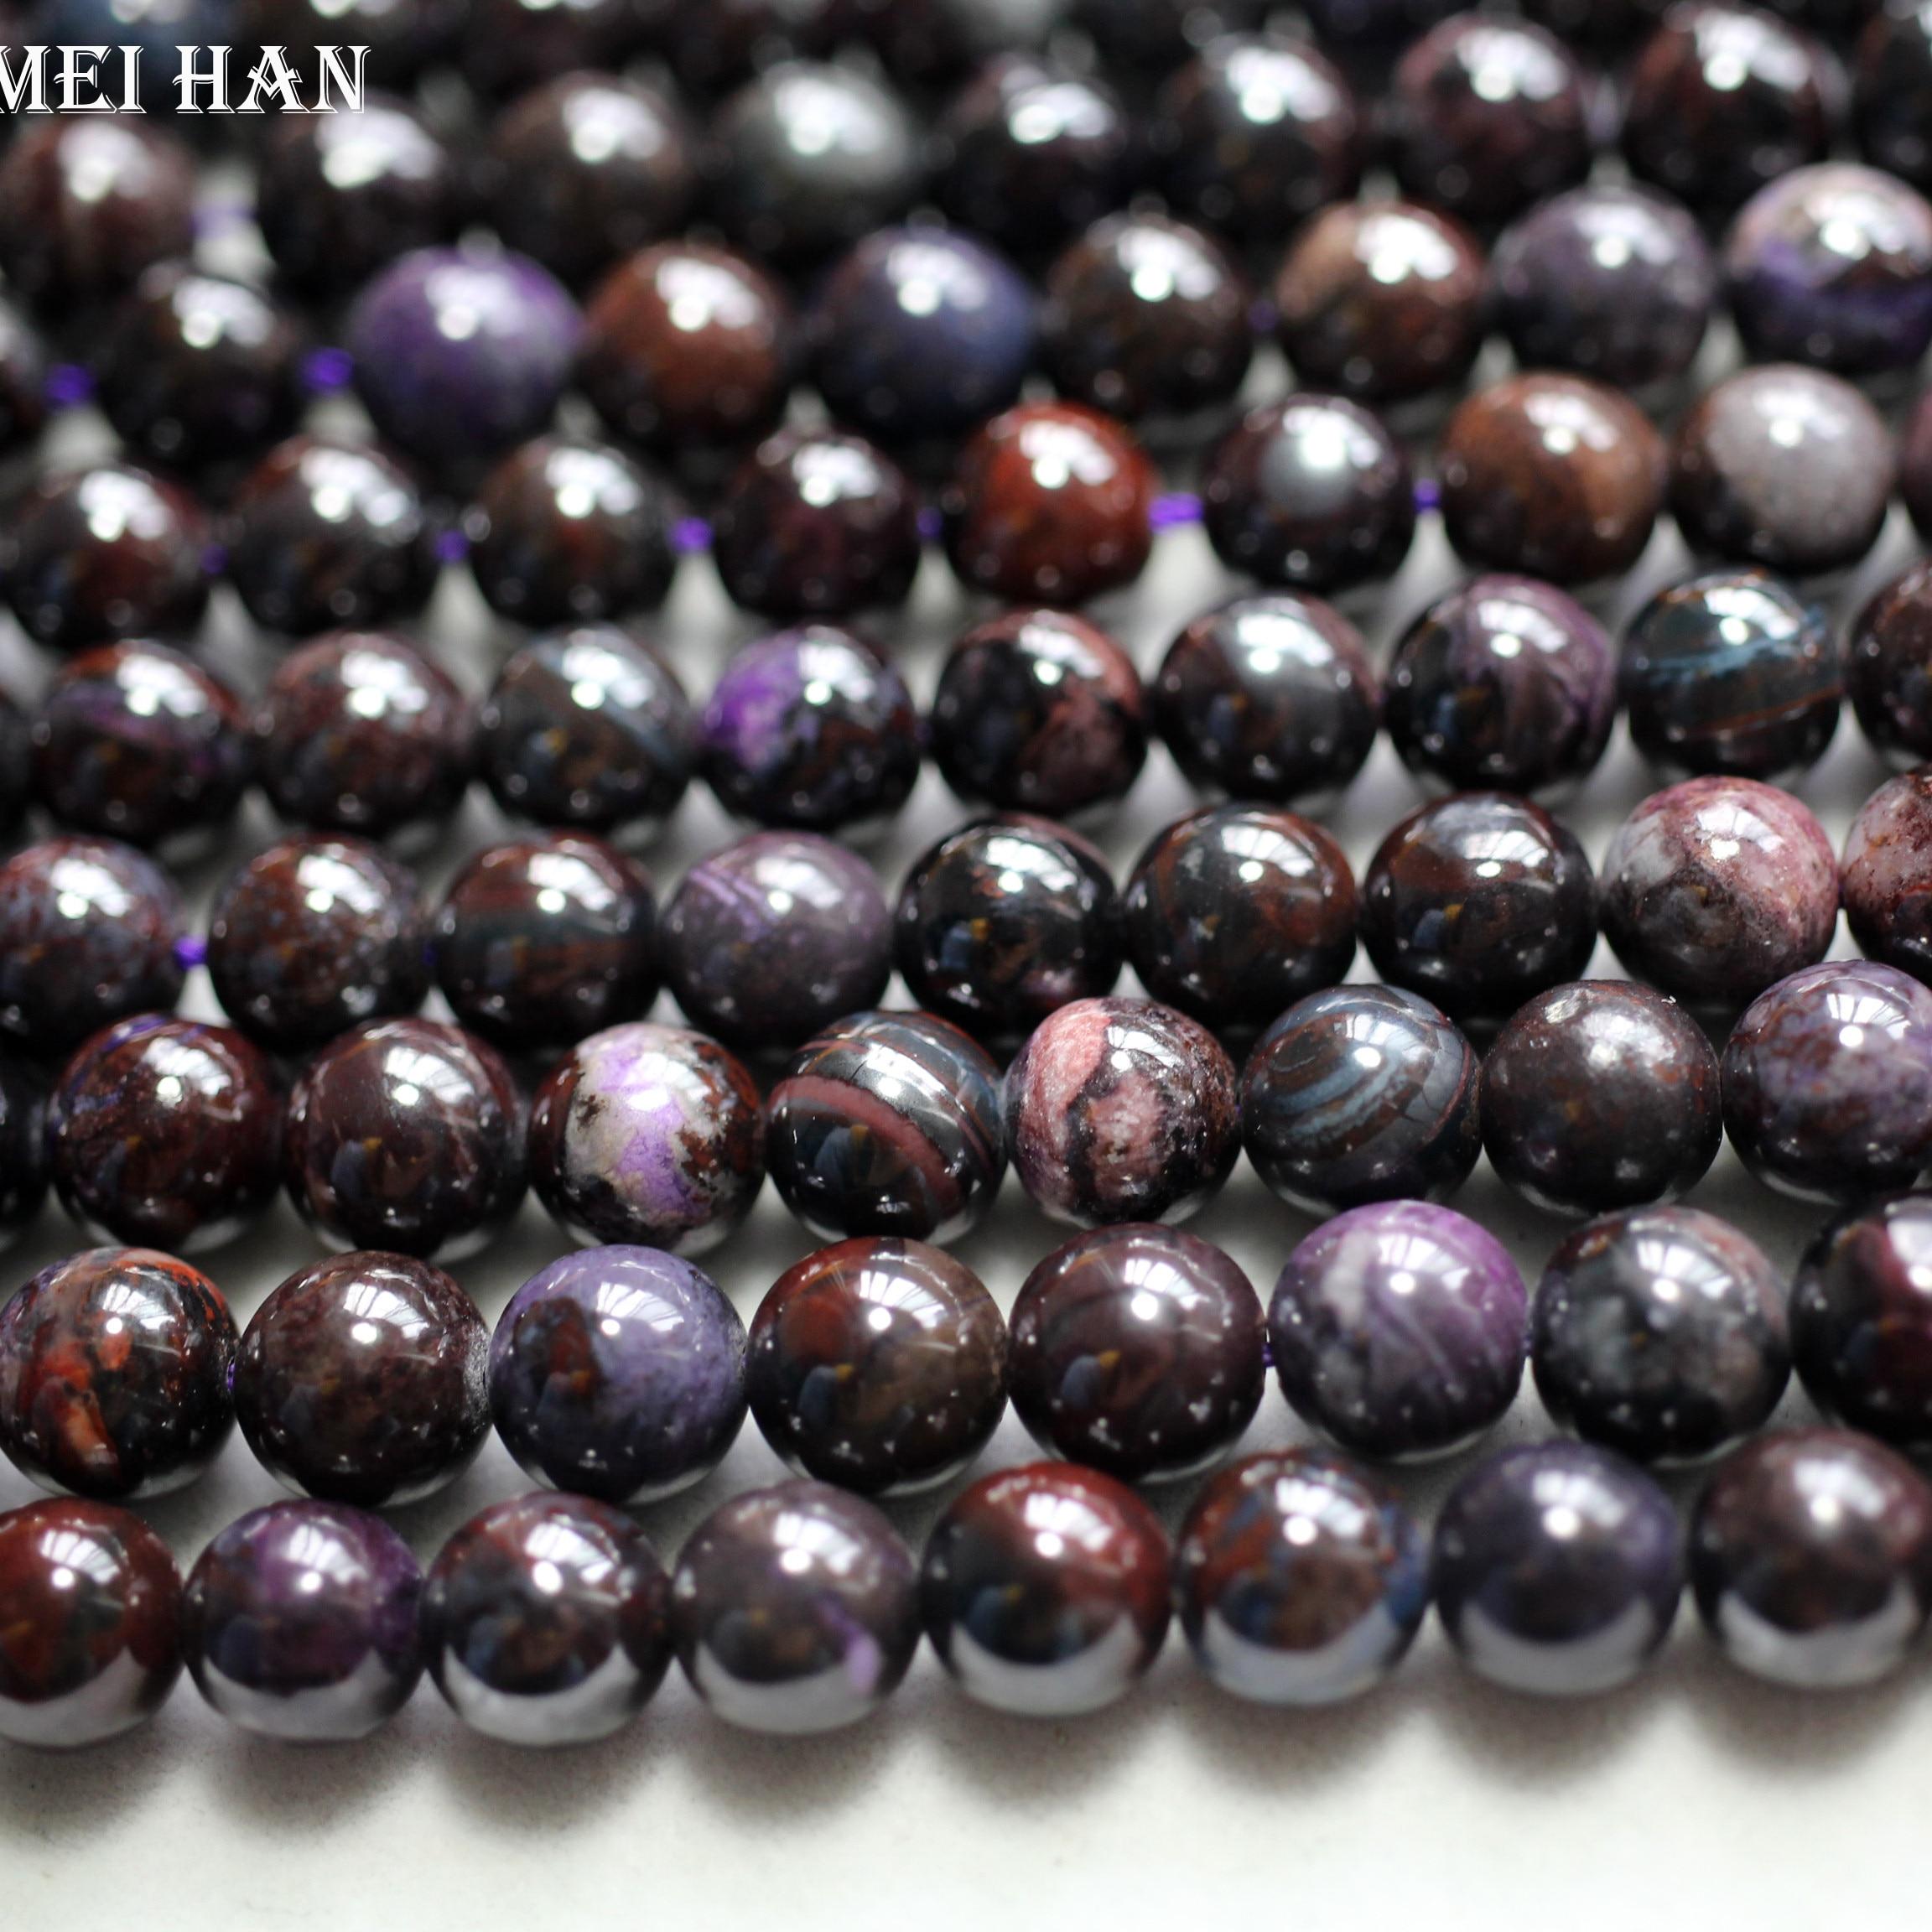 En gros naturel afrique du sud Sugilite 8.5mm + 0.2 (46 perles/ensemble/52g) lisse ronde lâche perles pierre pour faire la conception de bijoux-in Perles from Bijoux et Accessoires    2